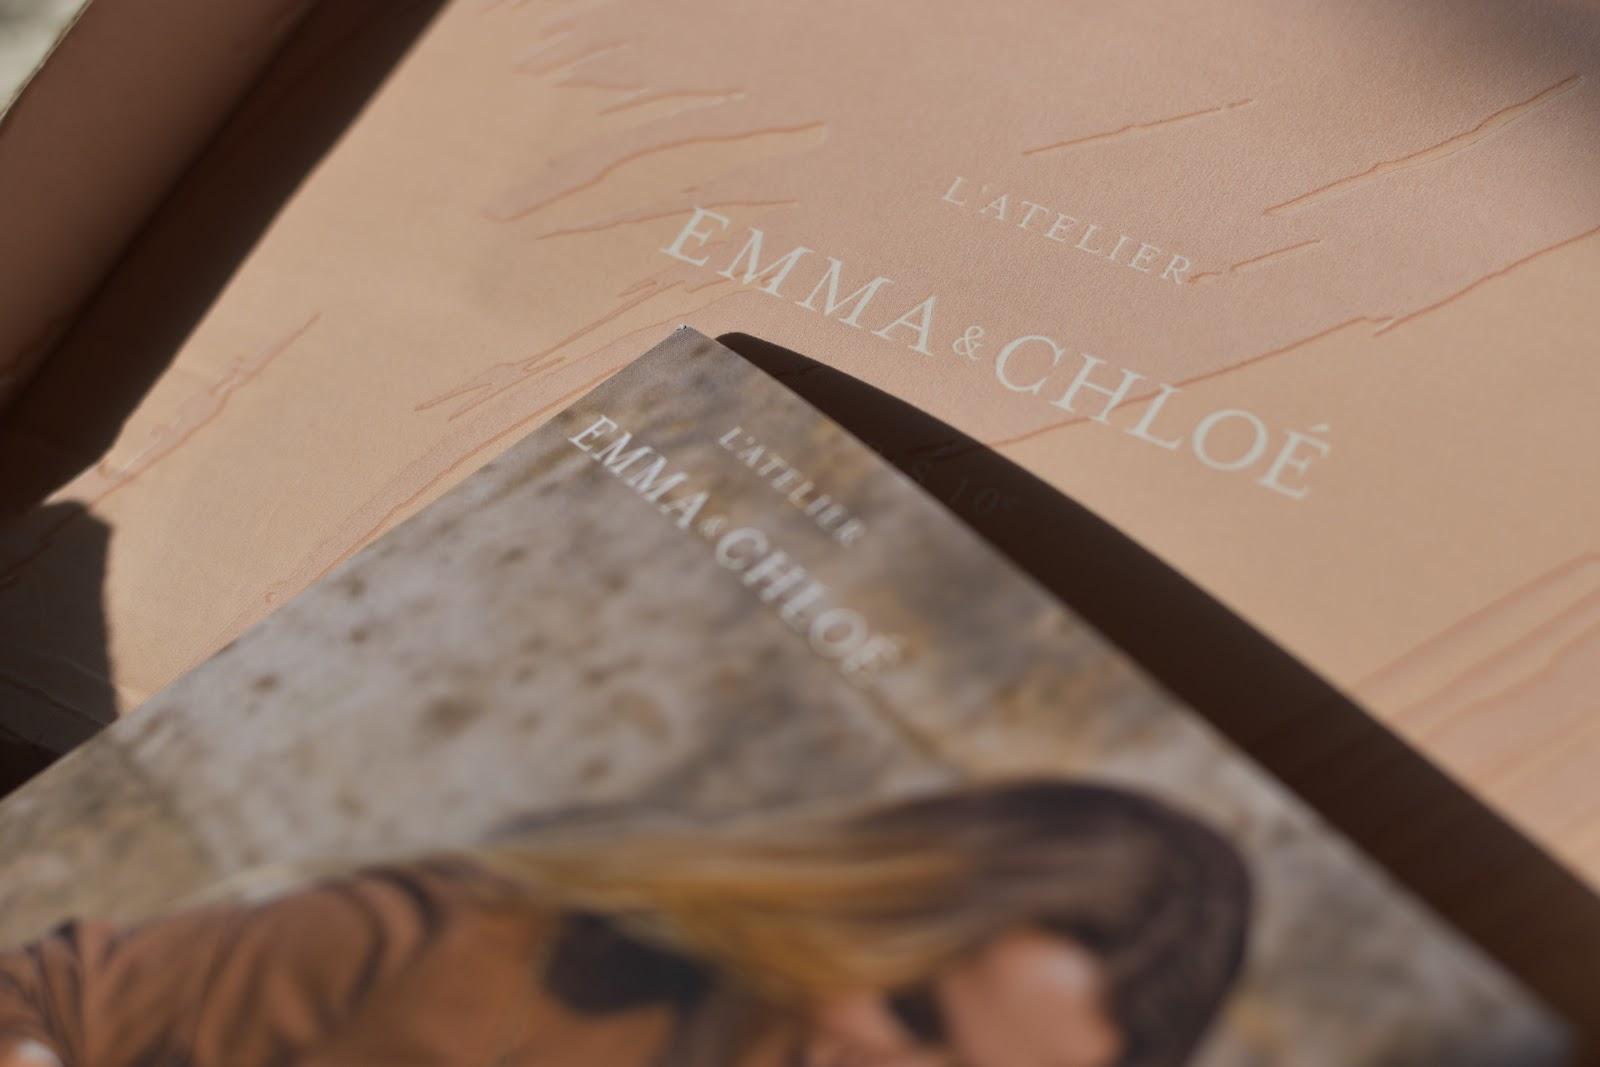 BOX_EMMA_CHLOE_NOVEMBRE_2019